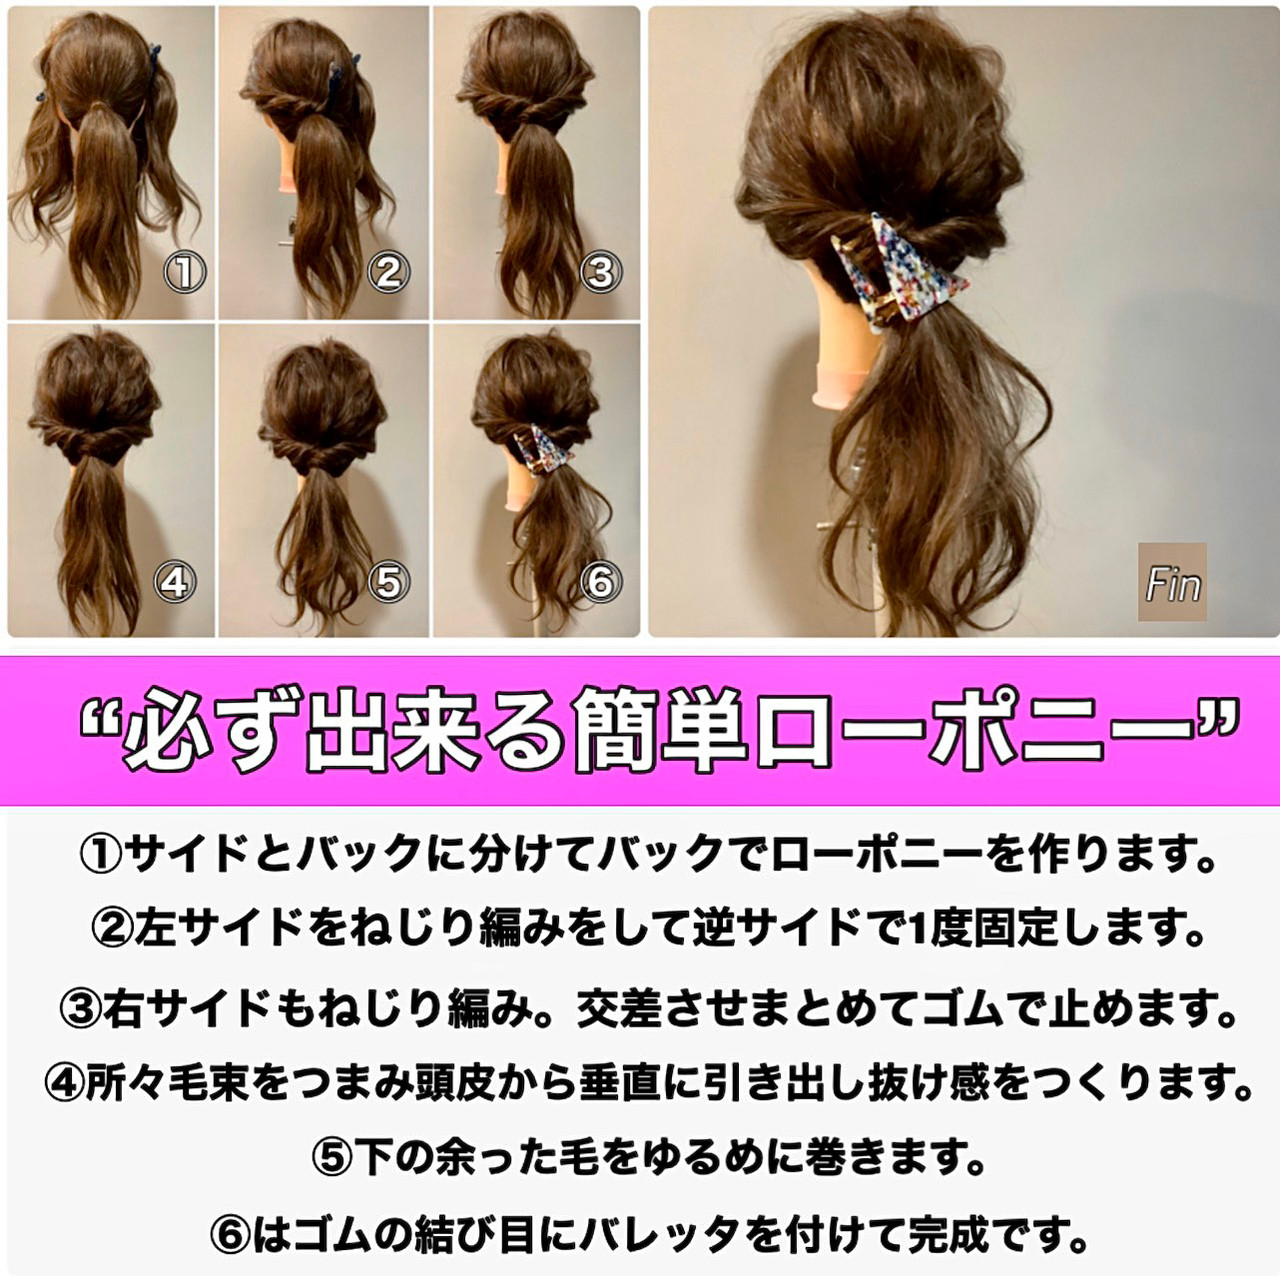 ふわふわヘアアレンジ ヘアアレンジ ミルクティーベージュ ロングヘア ヘアスタイルや髪型の写真・画像